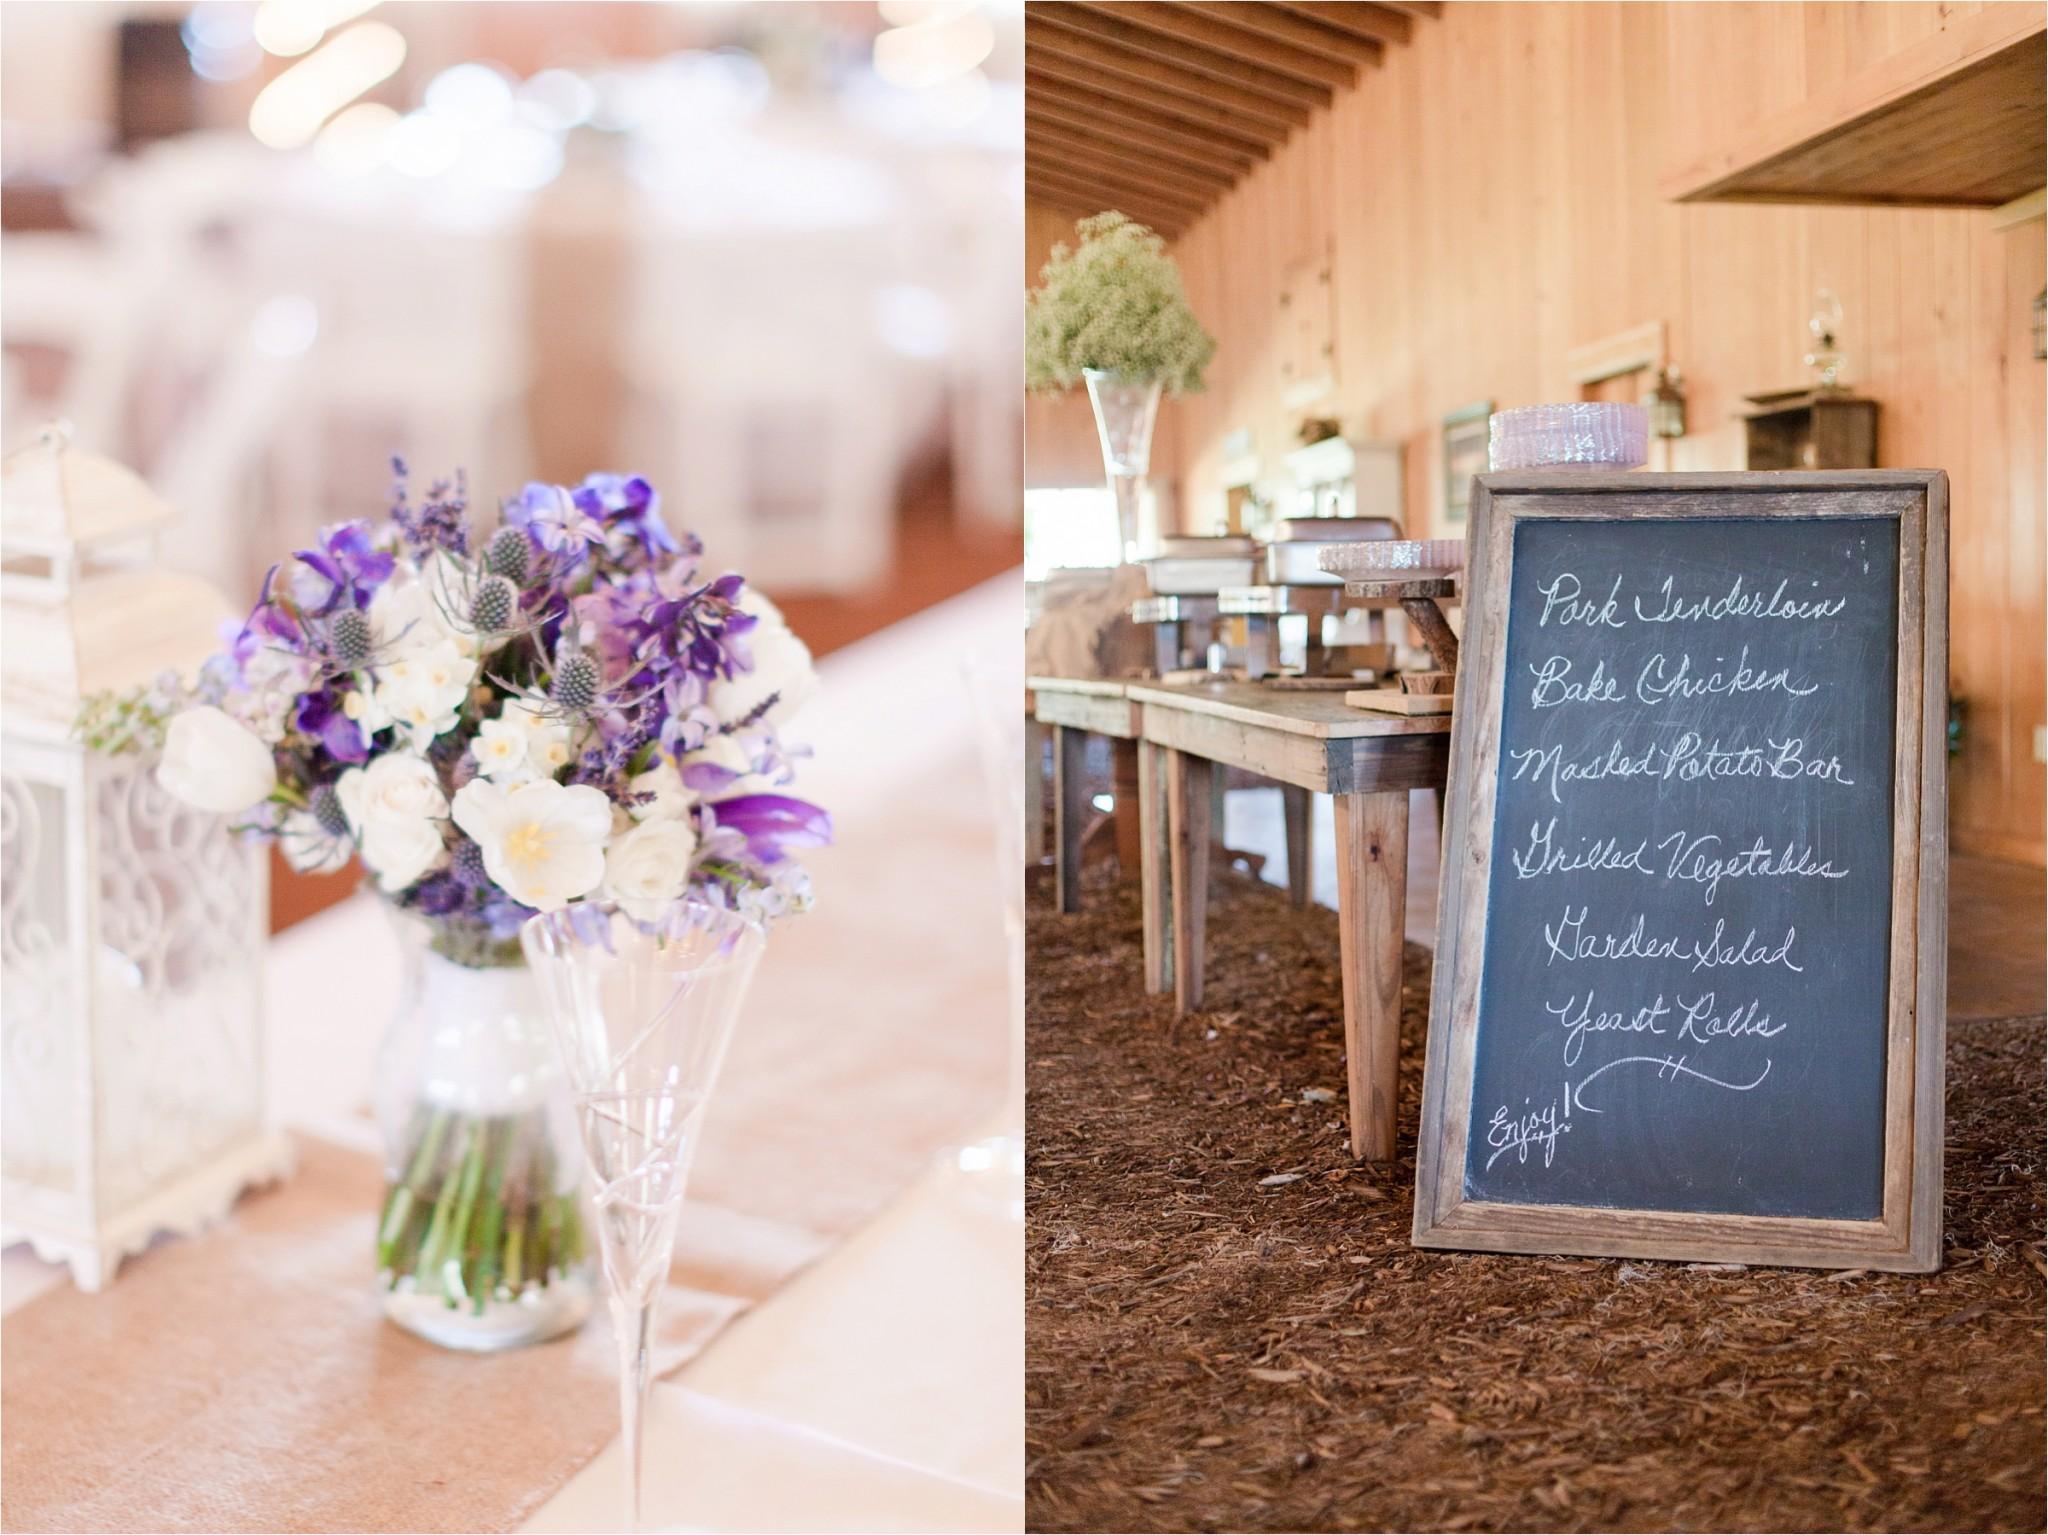 Lewis_Oak_Hollow_Wedding_Fairhope_AL_0174